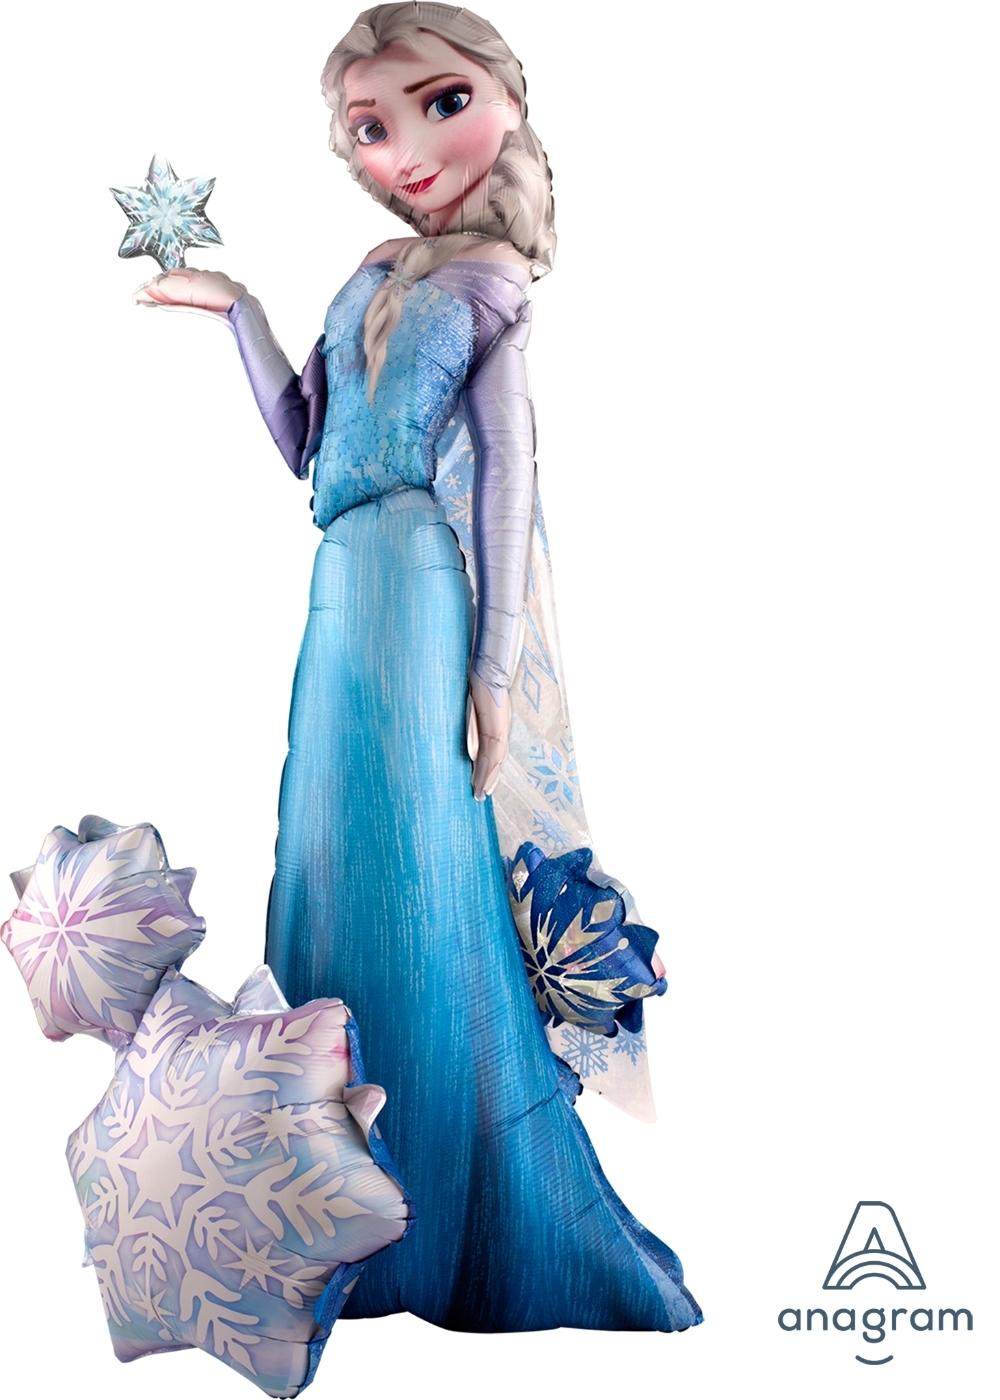 a110087-elsa-the-snow-queen.jpg